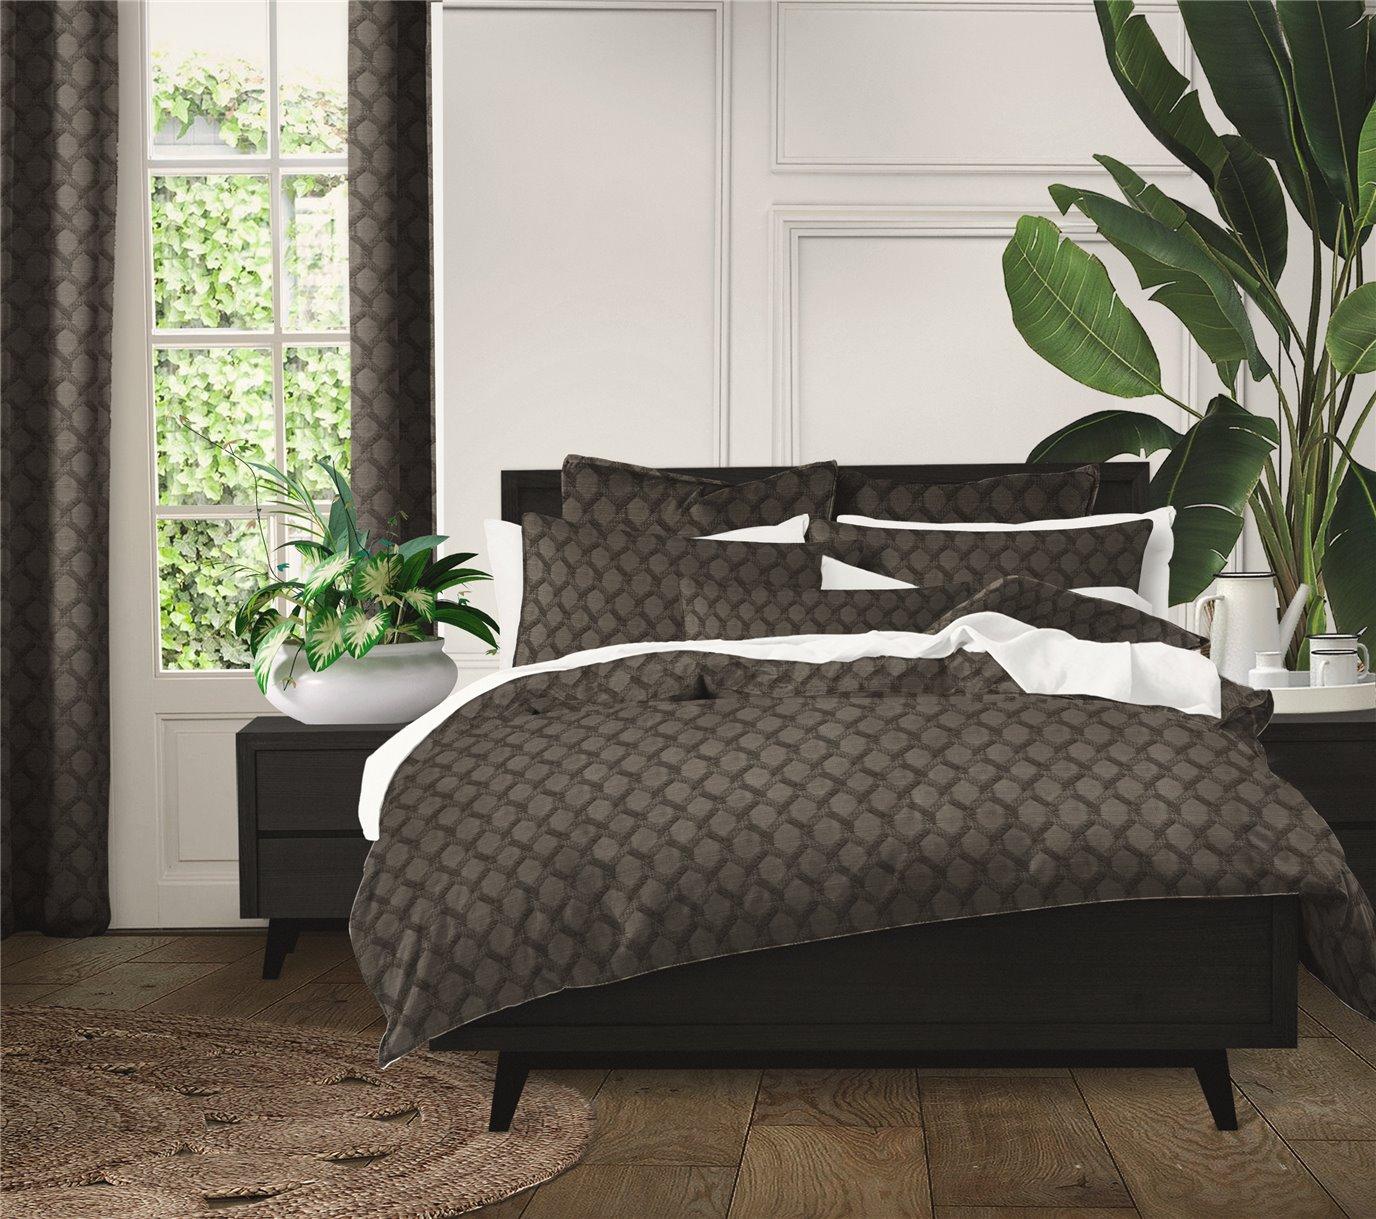 Malden Charcoal Comforter Set - Queen